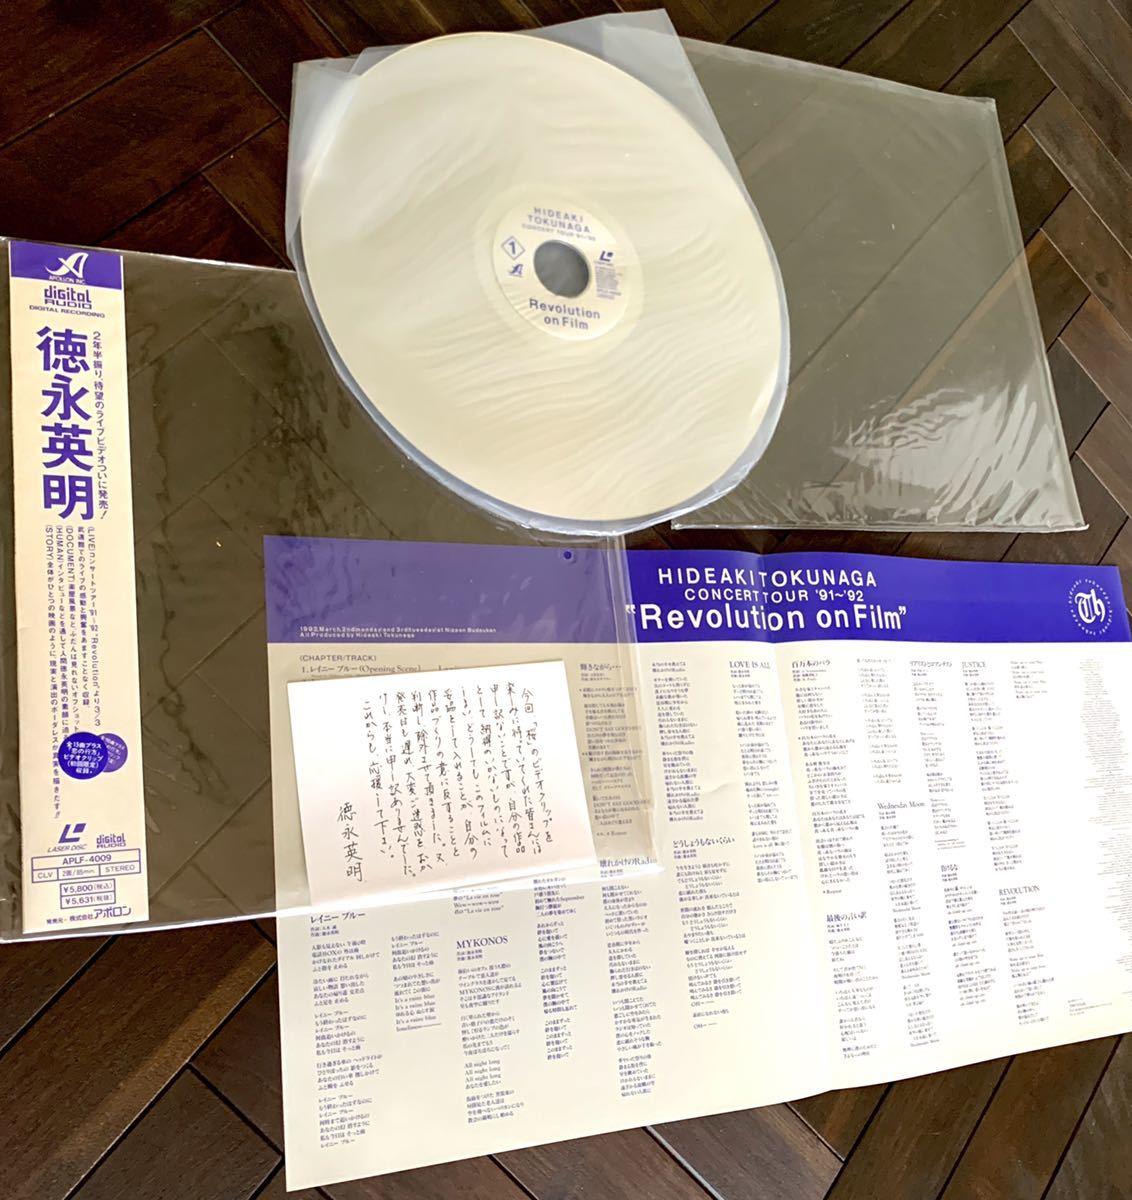 ☆【送料無料】☆徳永英明 【REVOLUTION ON FILM [Laser Disc] 】☆ 【初回限定盤】<恋の行方>ビデオクリップ収録!直筆コピー文書入り _画像9